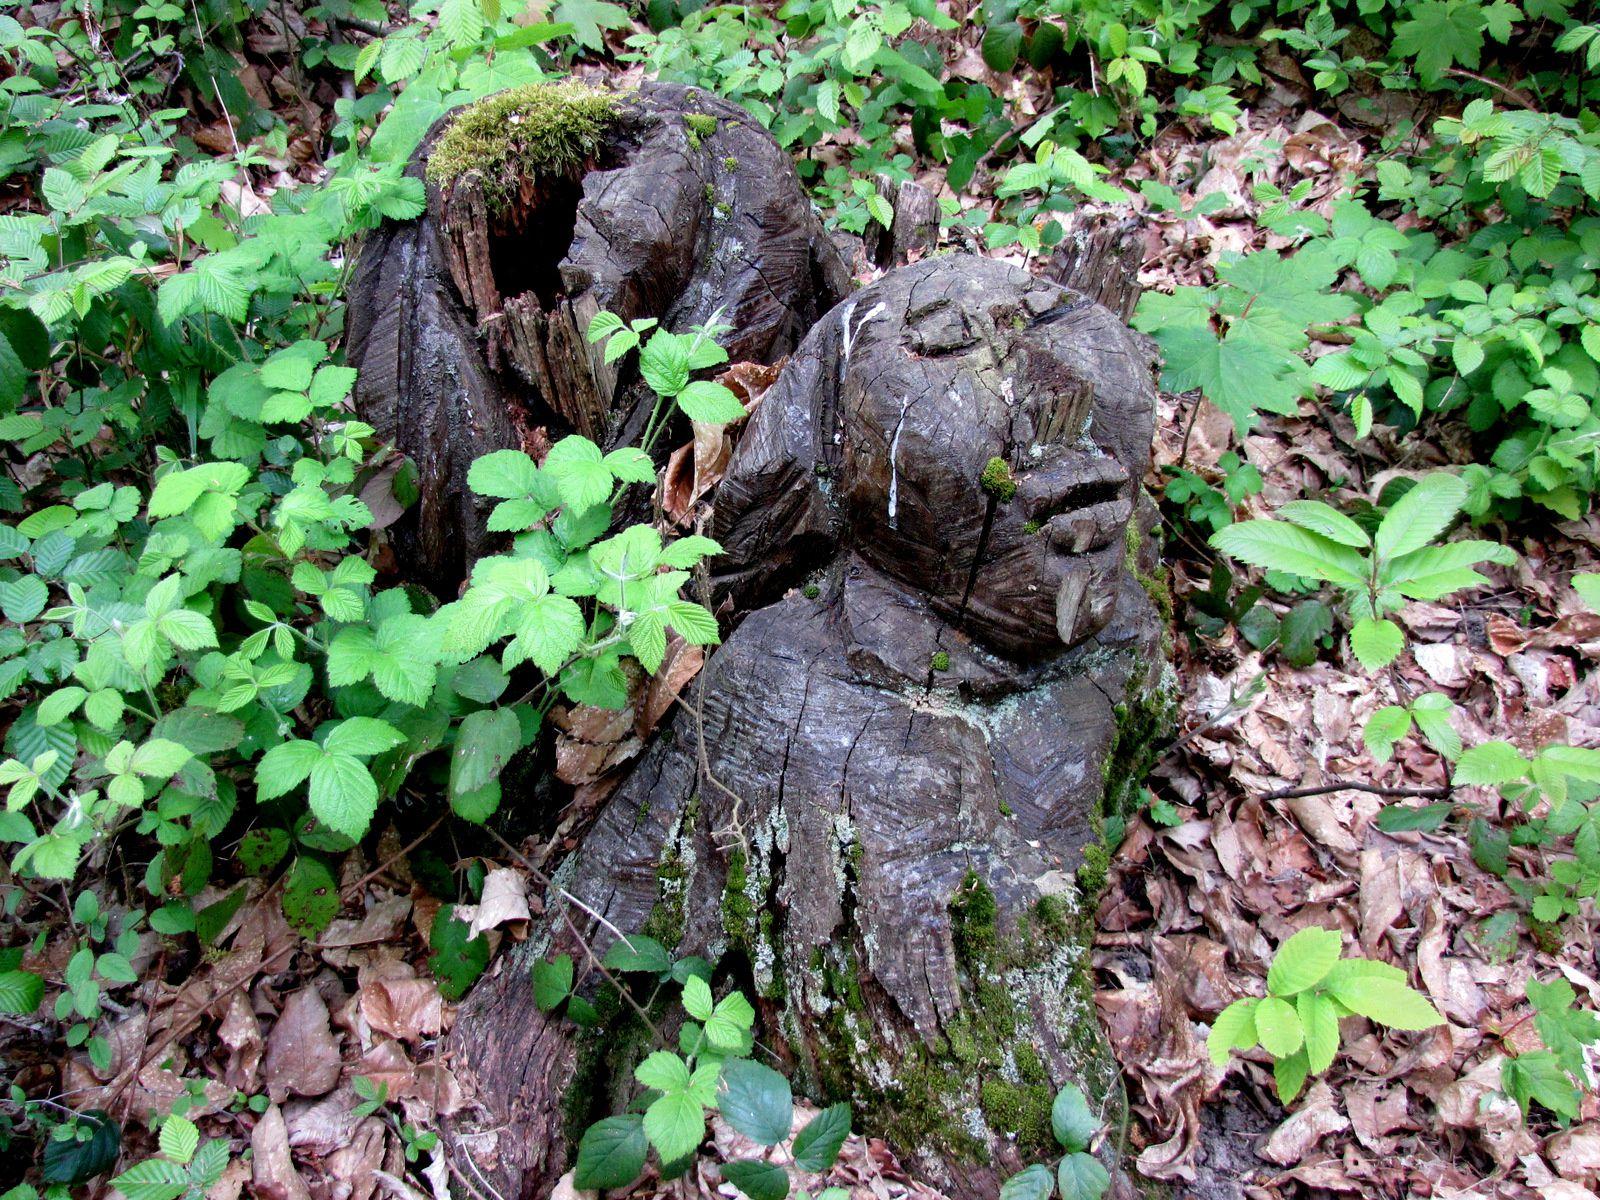 Souche sculptée (visage), parc de Marly